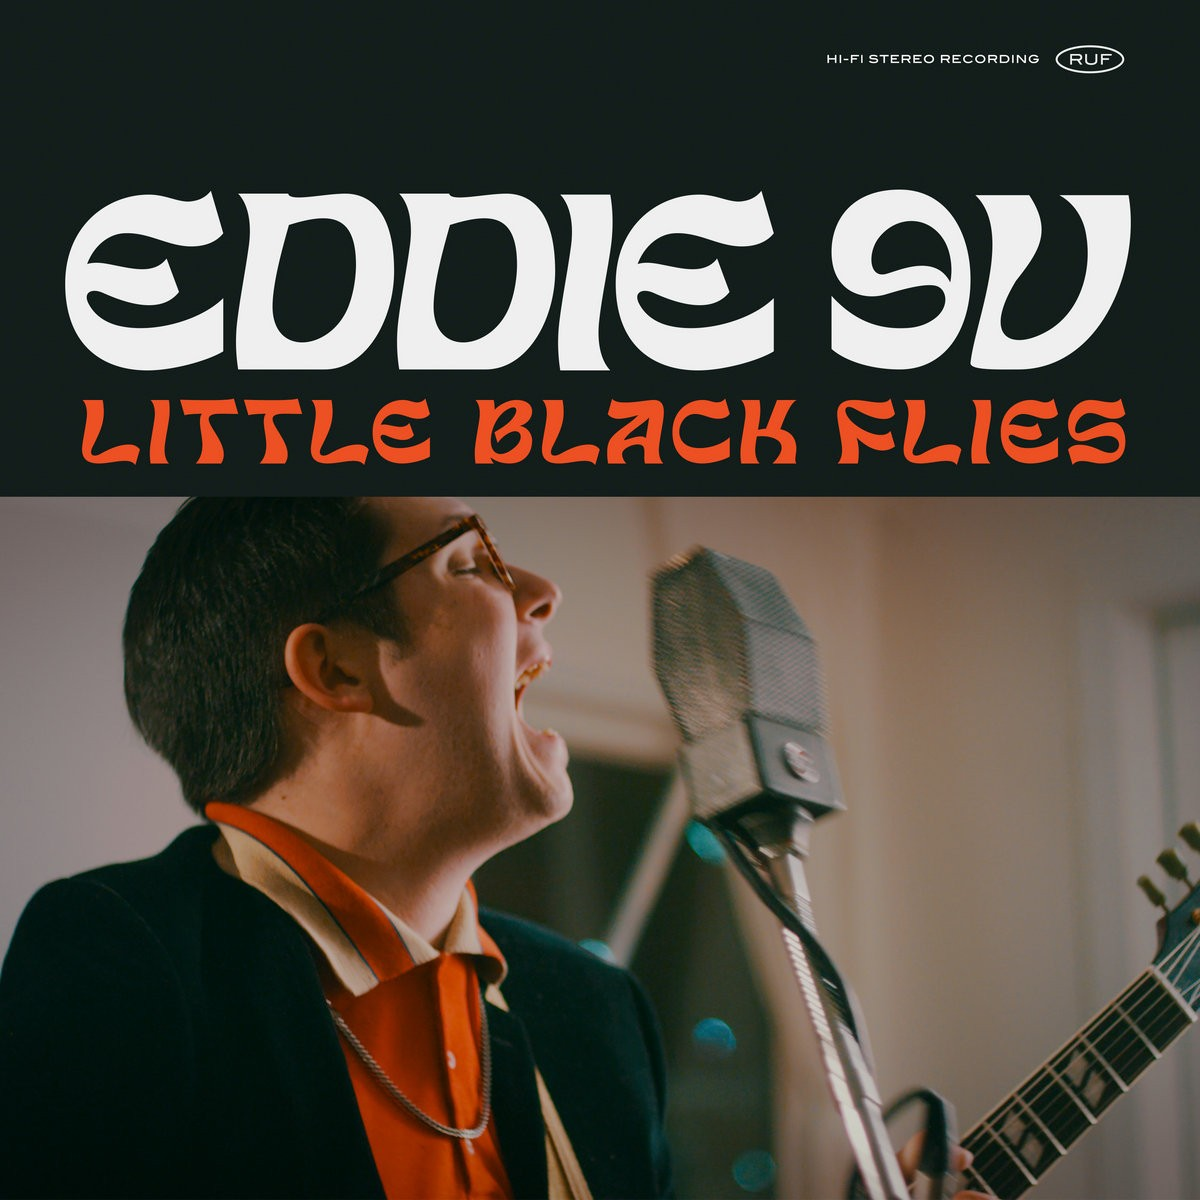 Eddie 9V - Little Black Flies